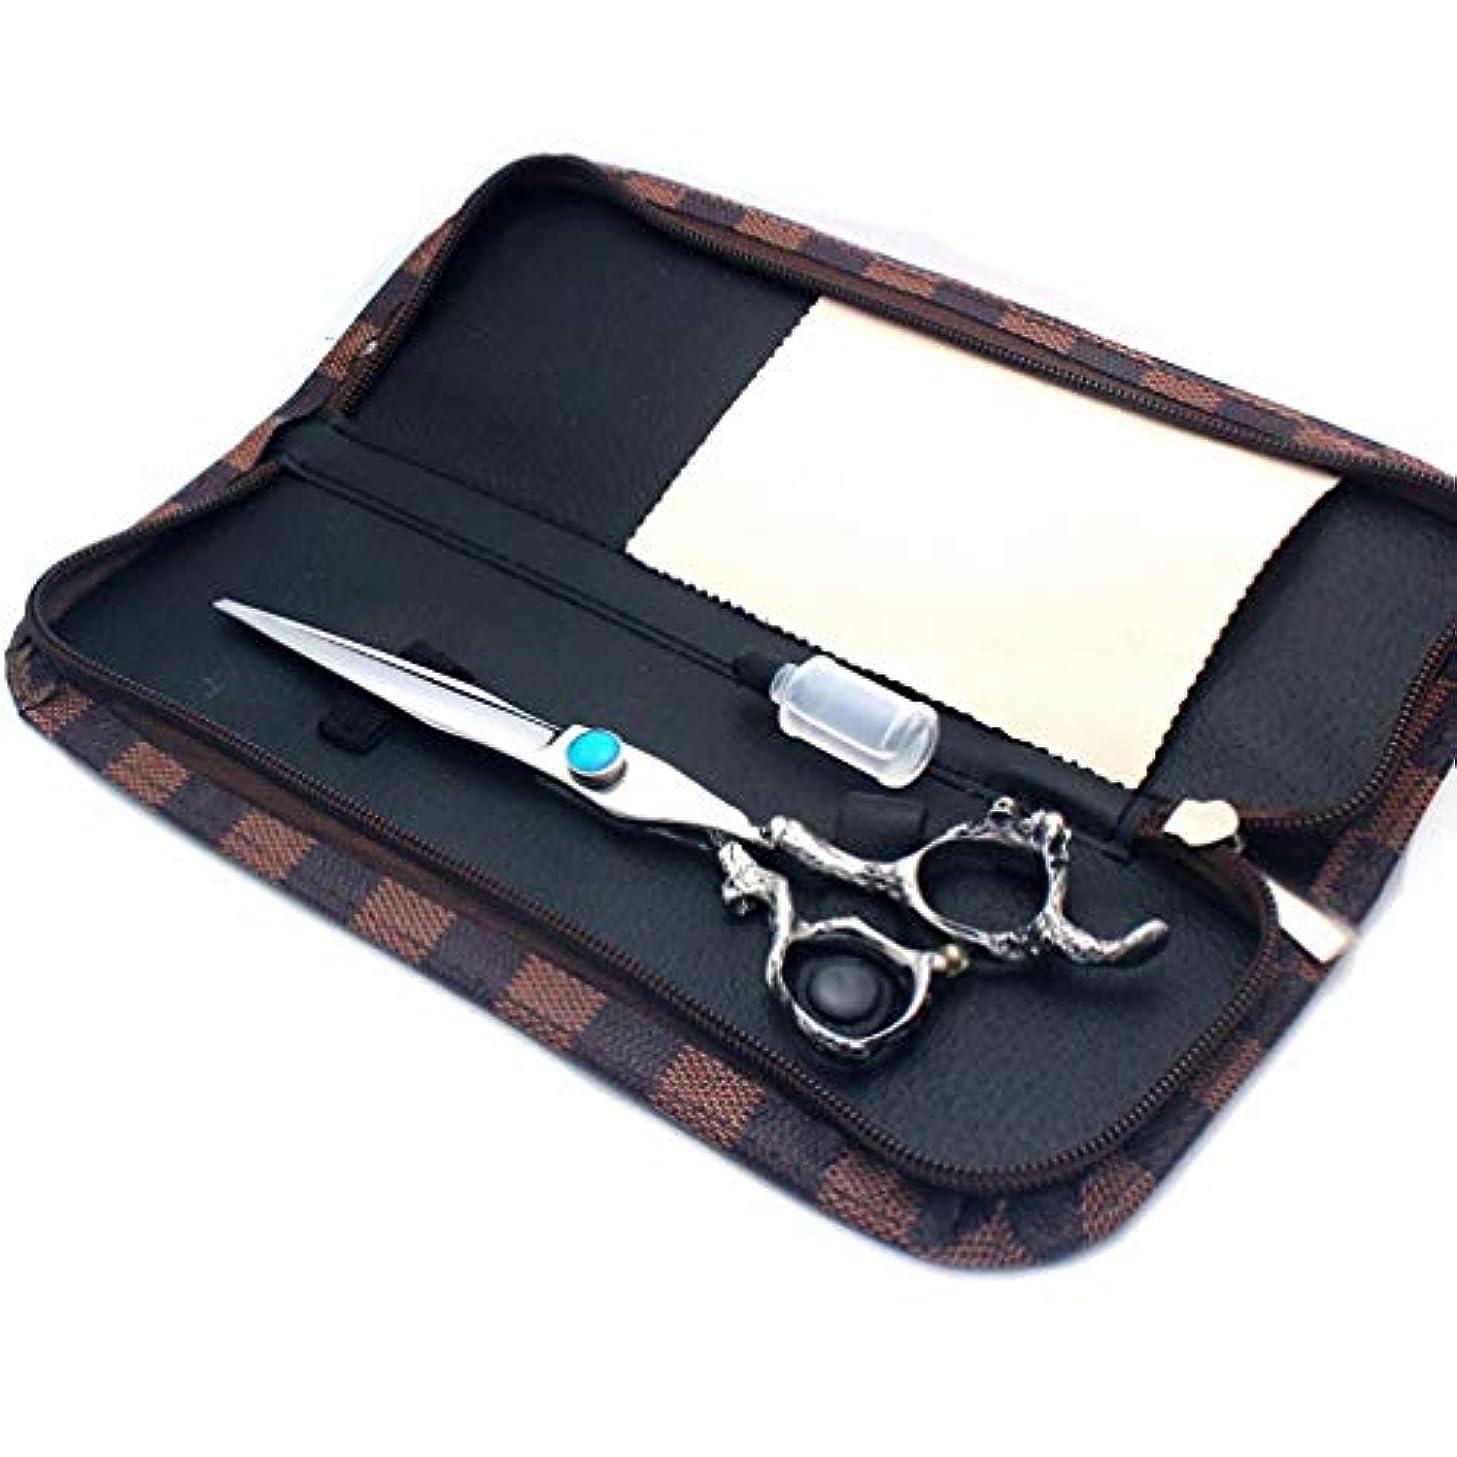 容量エンターテインメント小包7.0インチの高級ヘアカットはさみ、プロの理髪はさみ。 美容院や個人的な使用に適しています